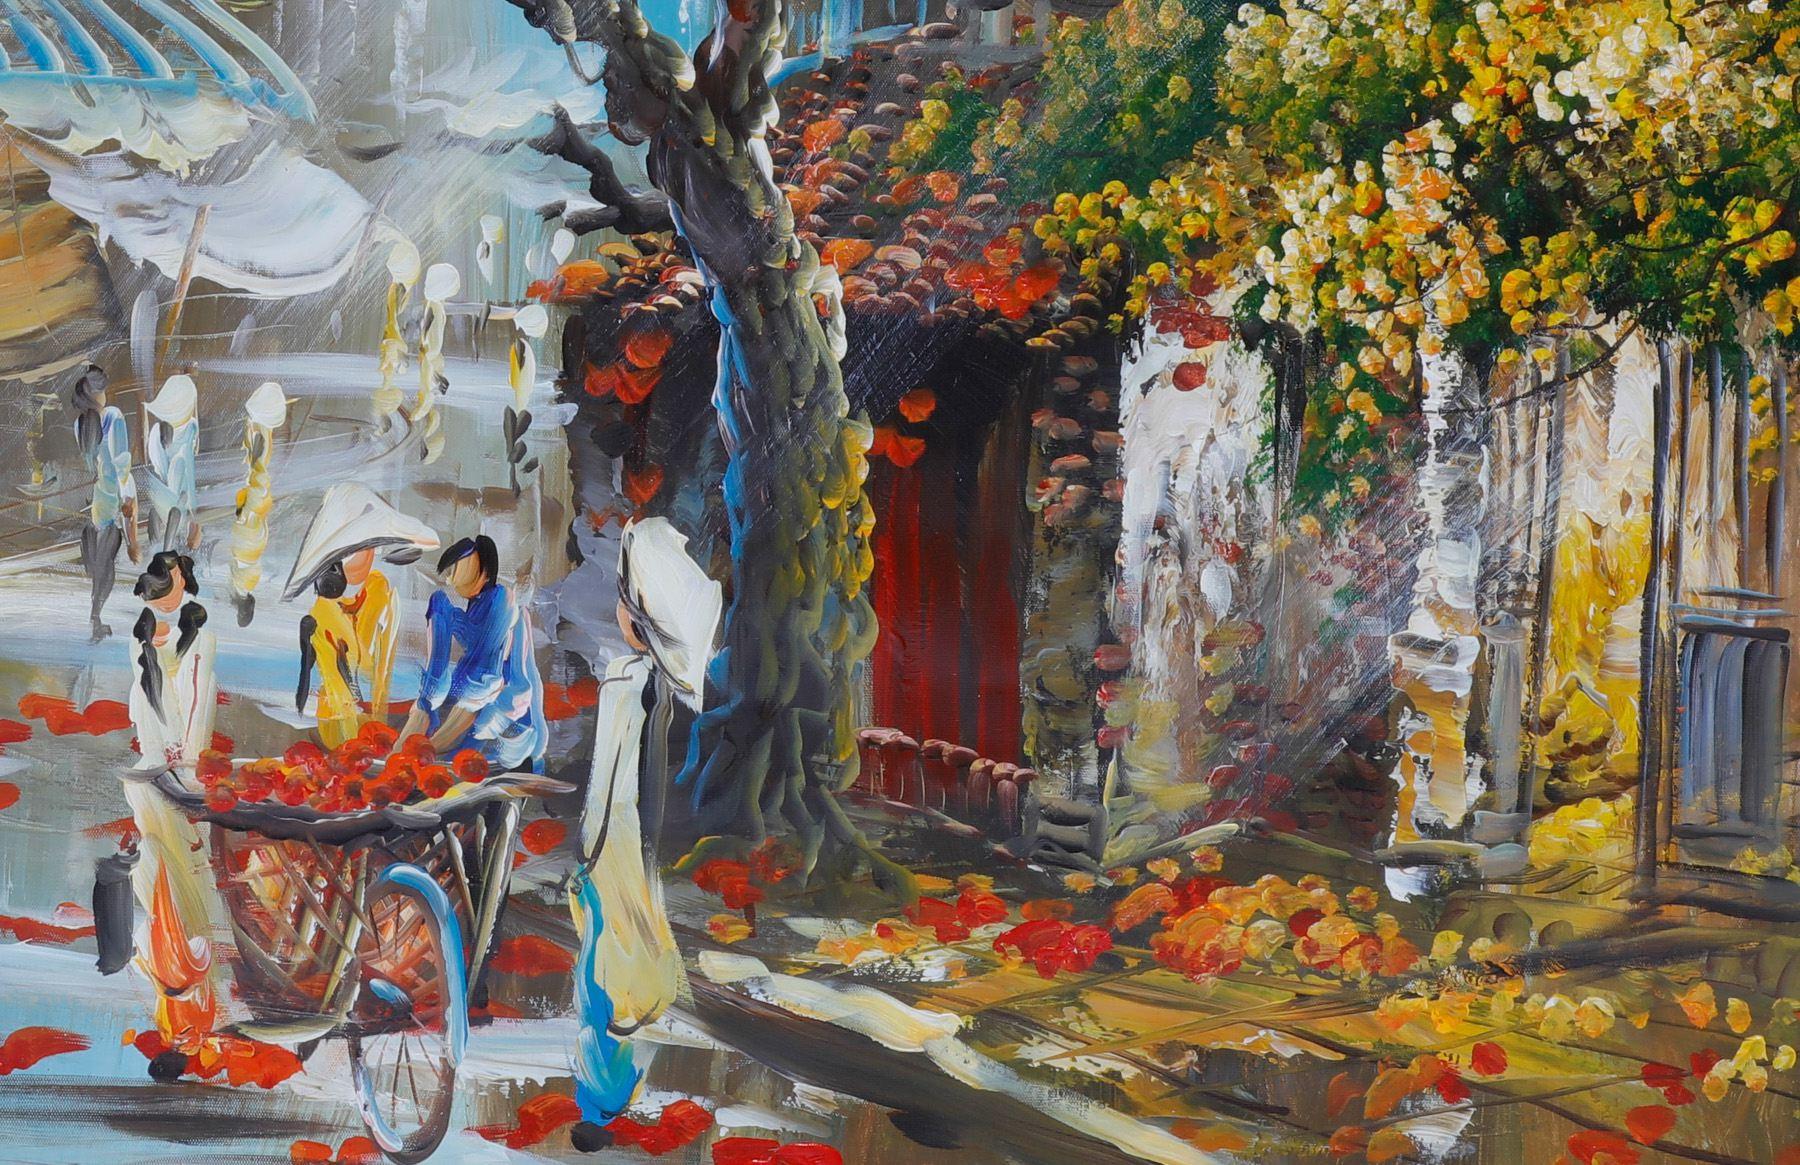 tranh vẽ sơn dầu phố cổ Hà Nội